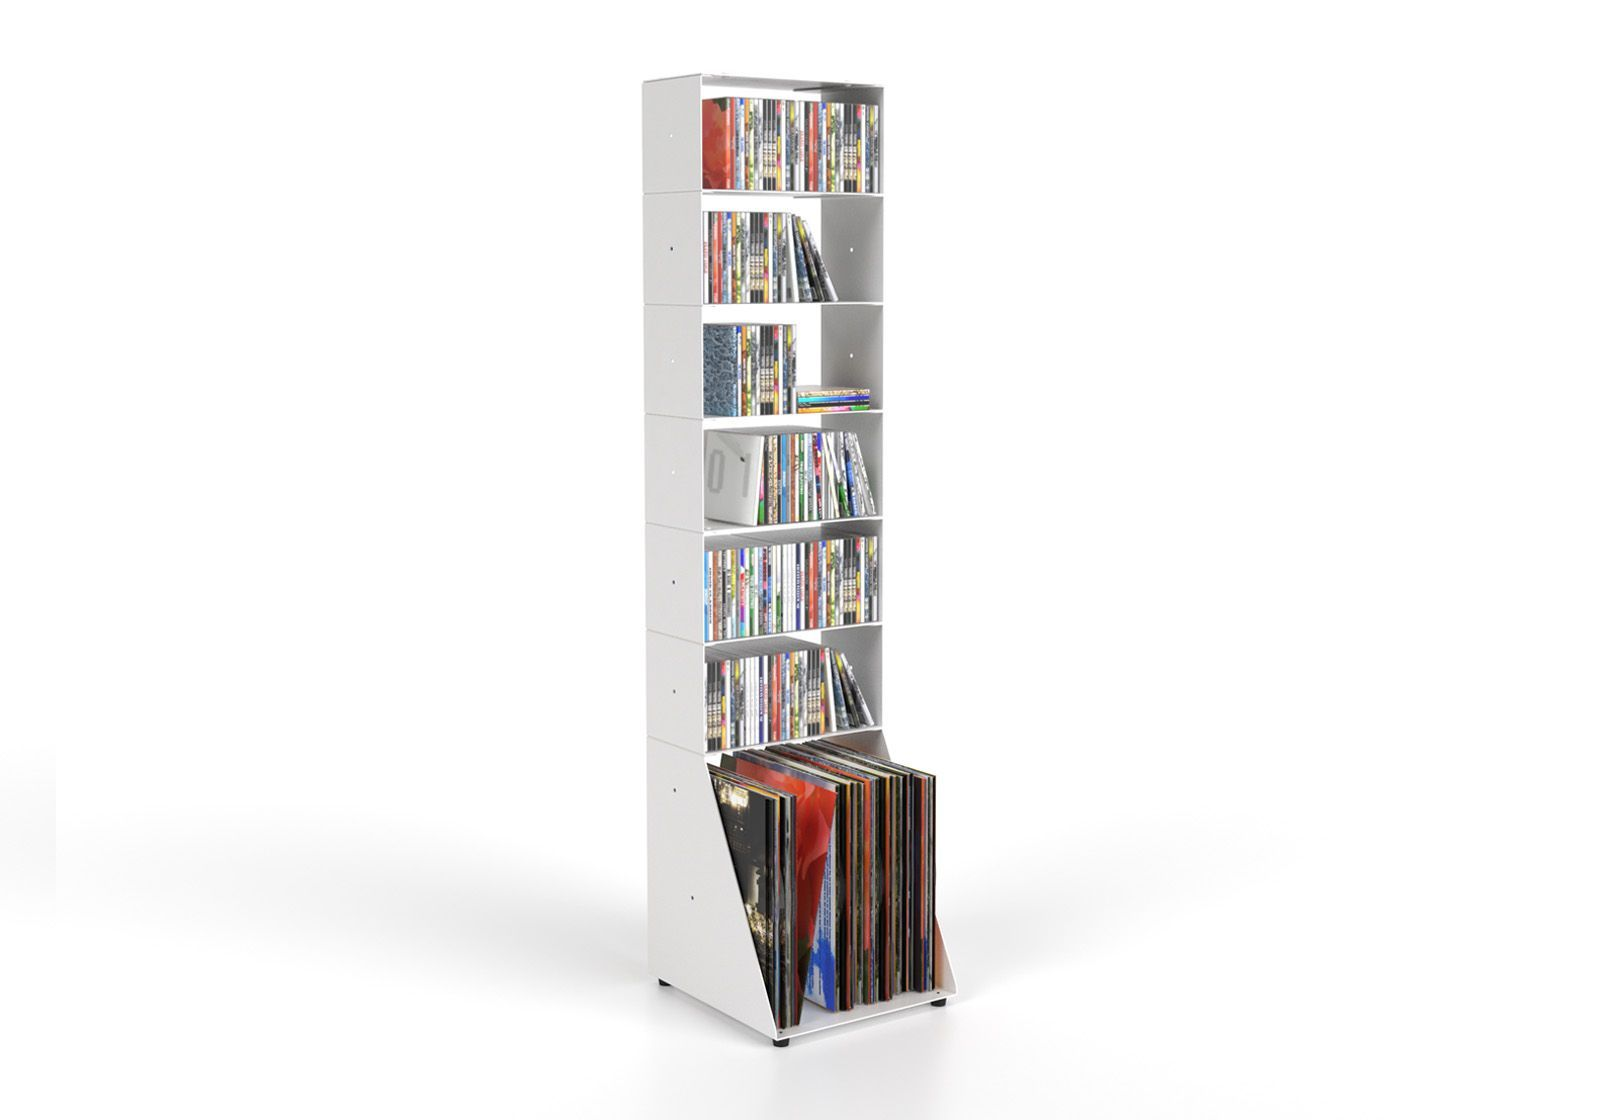 Estanteria CD y Vinilo 30 cm - metal blanco - 7 niveles